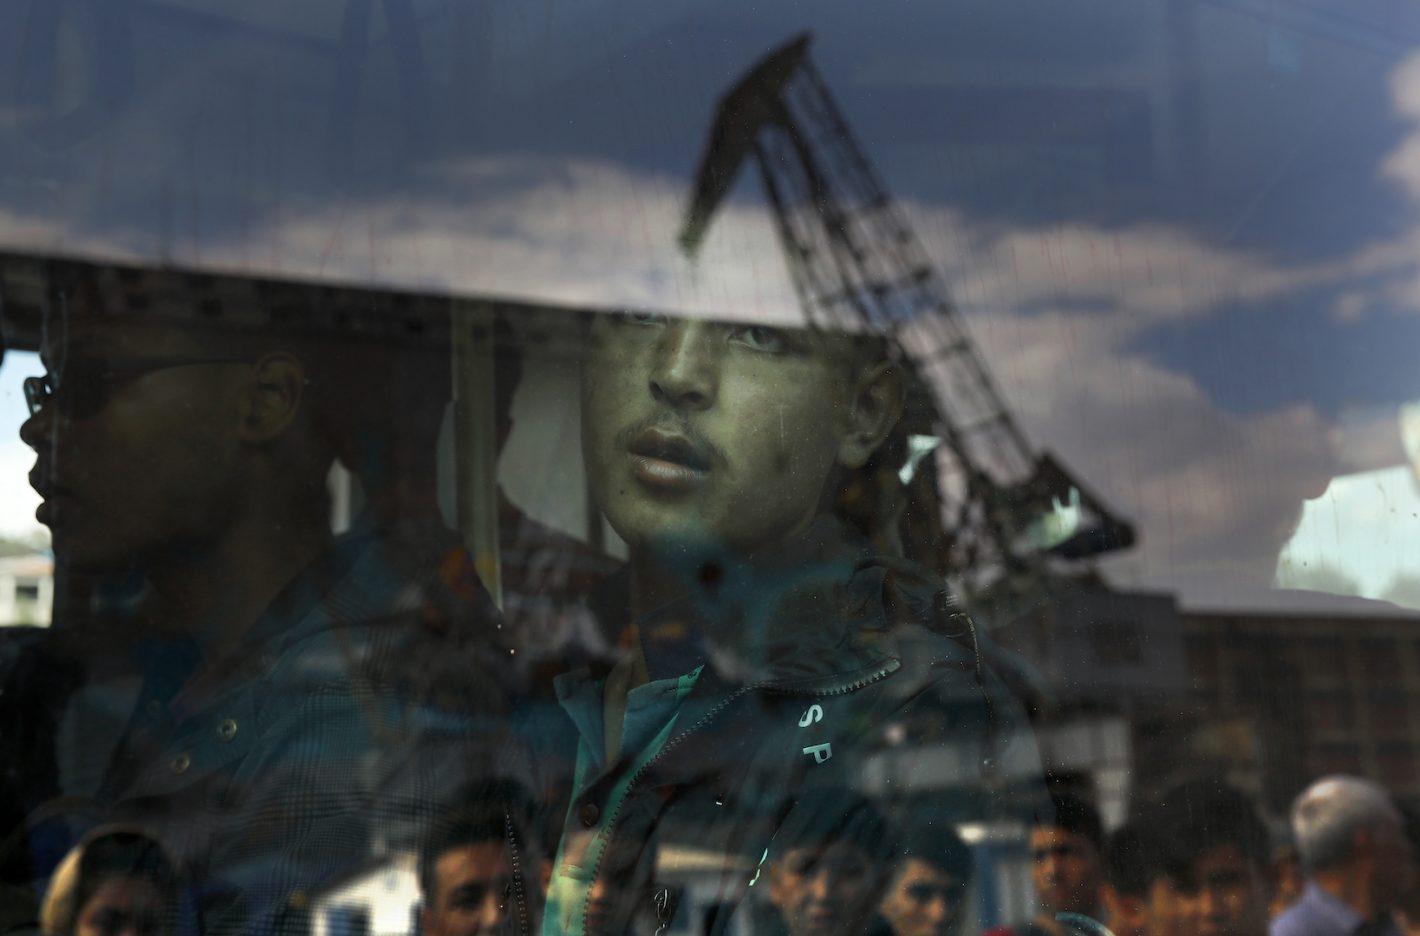 Un migrant Afghan vu à l'intérieur d'un bus au Port de Pirée, près d'Athènes, après son arrivée par le Ferry Eleftherios Venizelos avec plus de 2500 migrants et réfugiés en provenance de l'île de Lesbos. 8 octobre 2015 - REUTERS/Yannis Behrakis